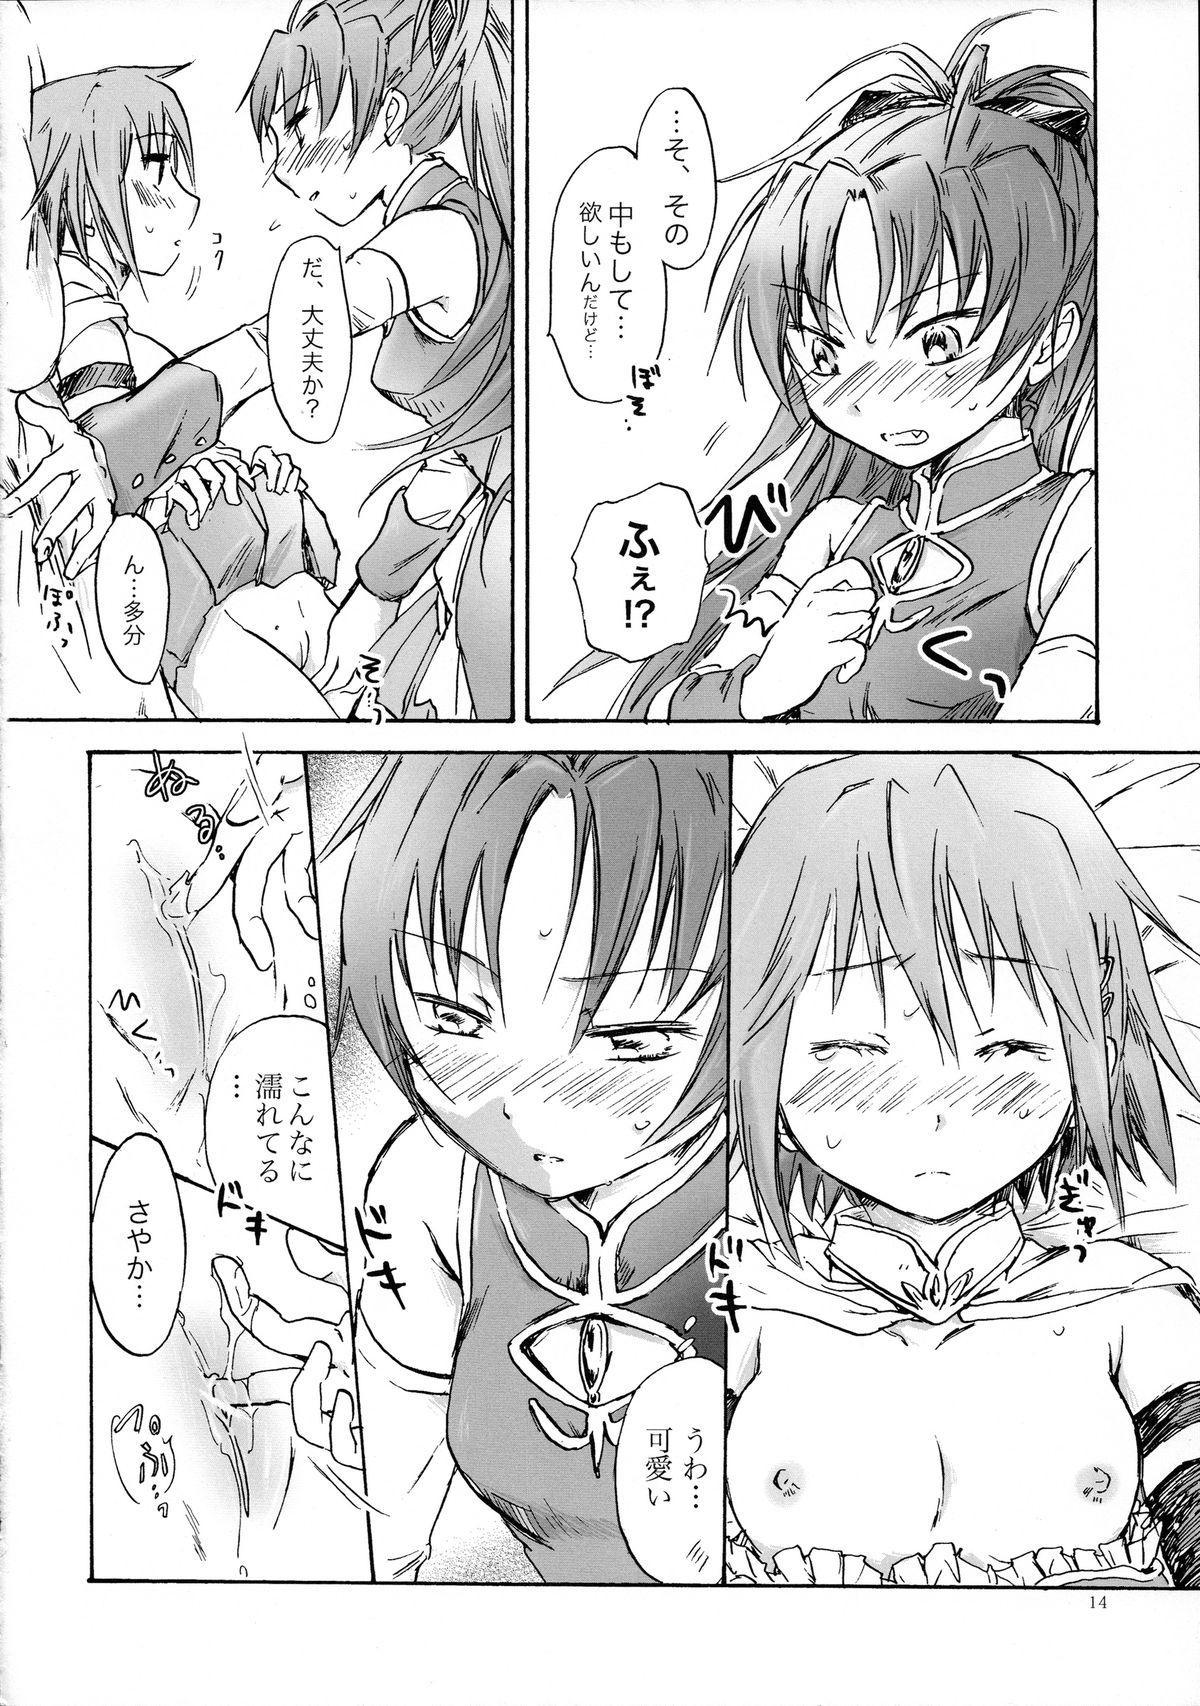 Kimi ga Hohoemu Yume wo Mita 12